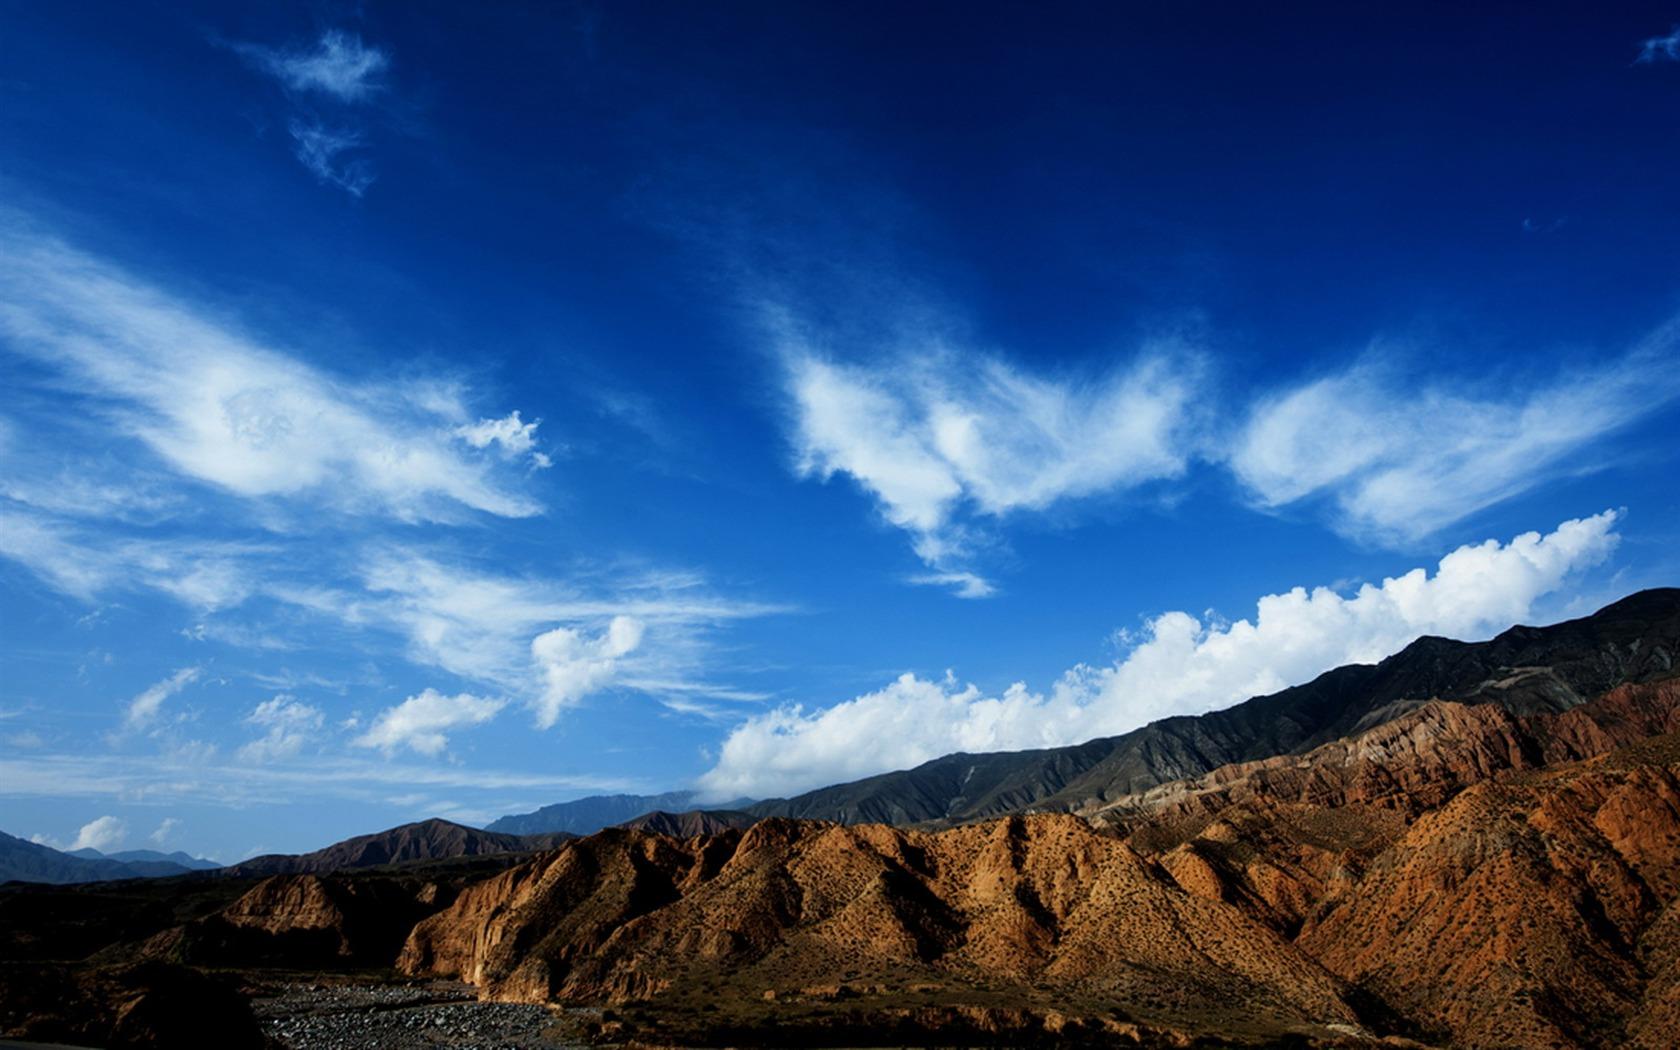 高原の風景 自然風景デスクトップ壁紙プレビュー 10wallpaper Com